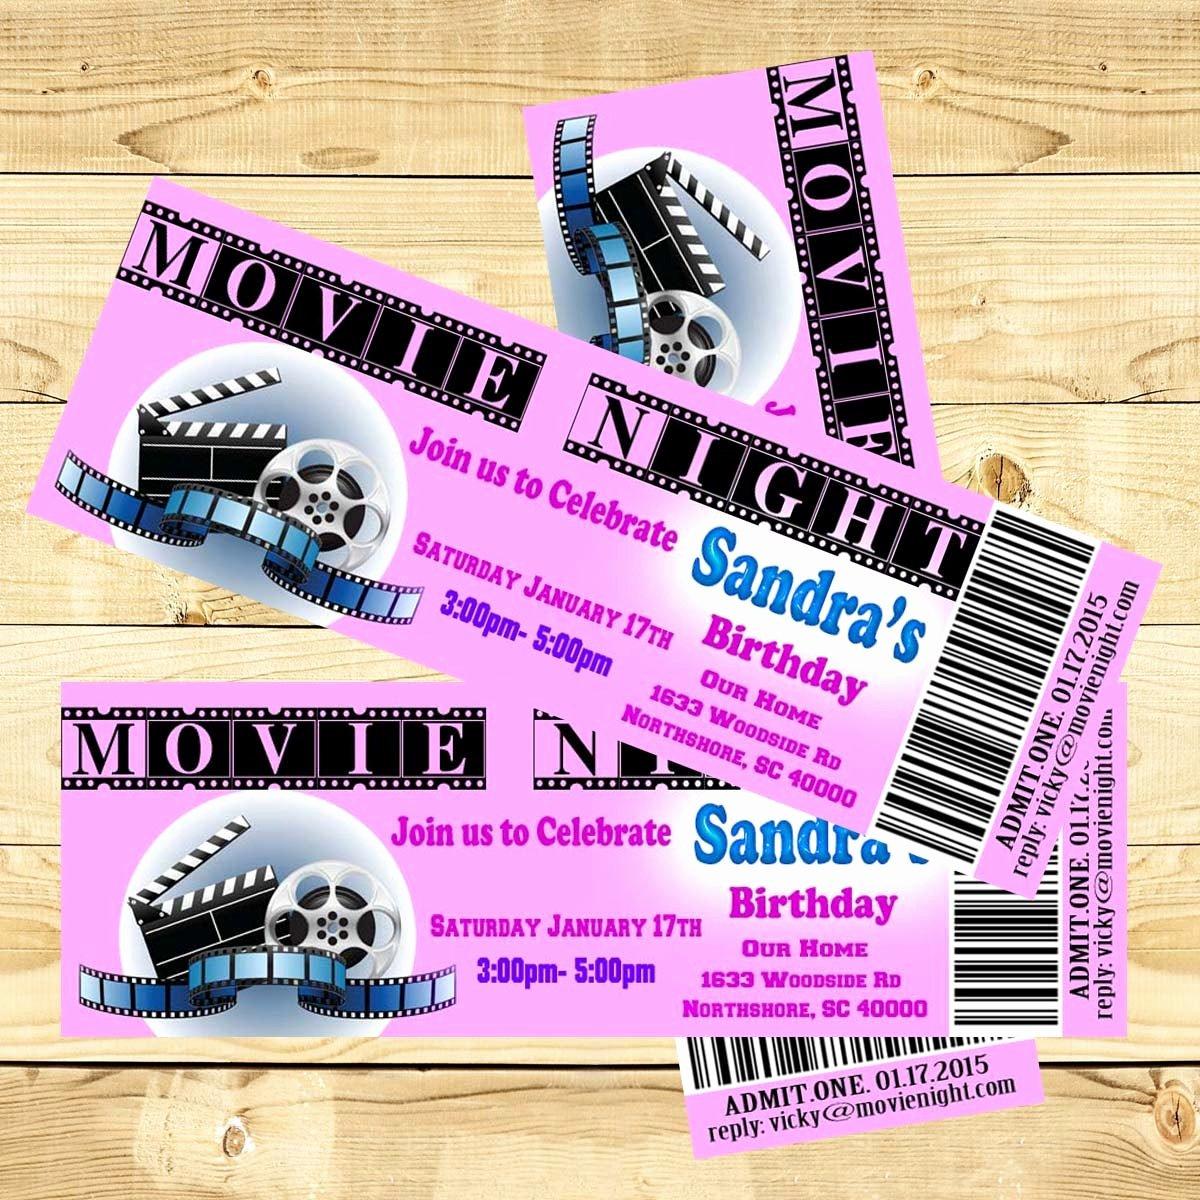 Movie Ticket Birthday Invitation Fresh Birthday Invitation Movie Ticket Personalized Invite Printable